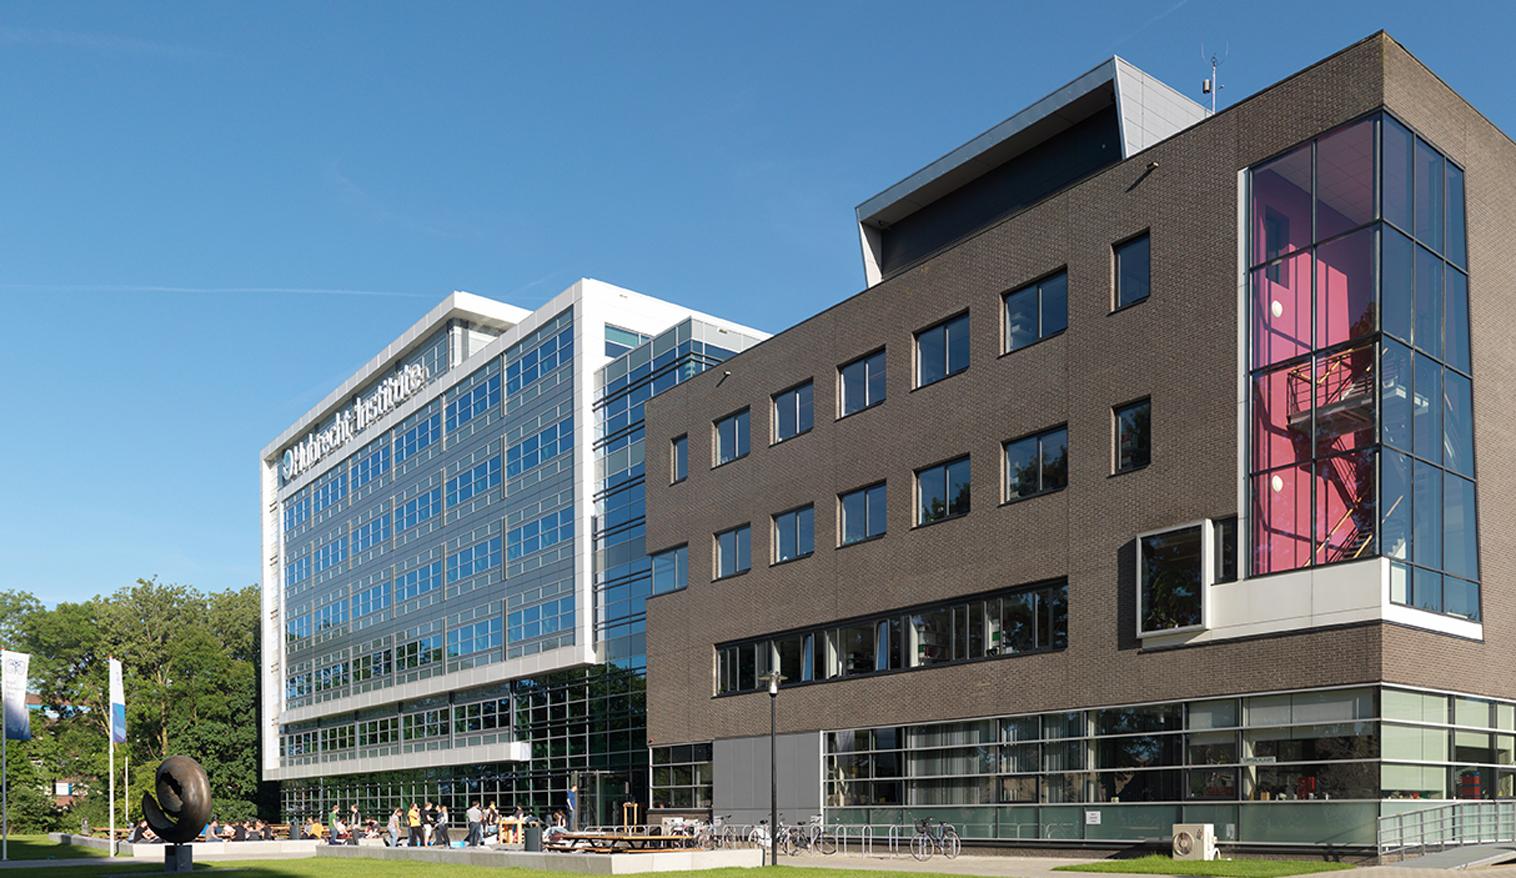 08 OPLarchitecten_Hubrecht Institute De Uithof 1516×878-72dpi